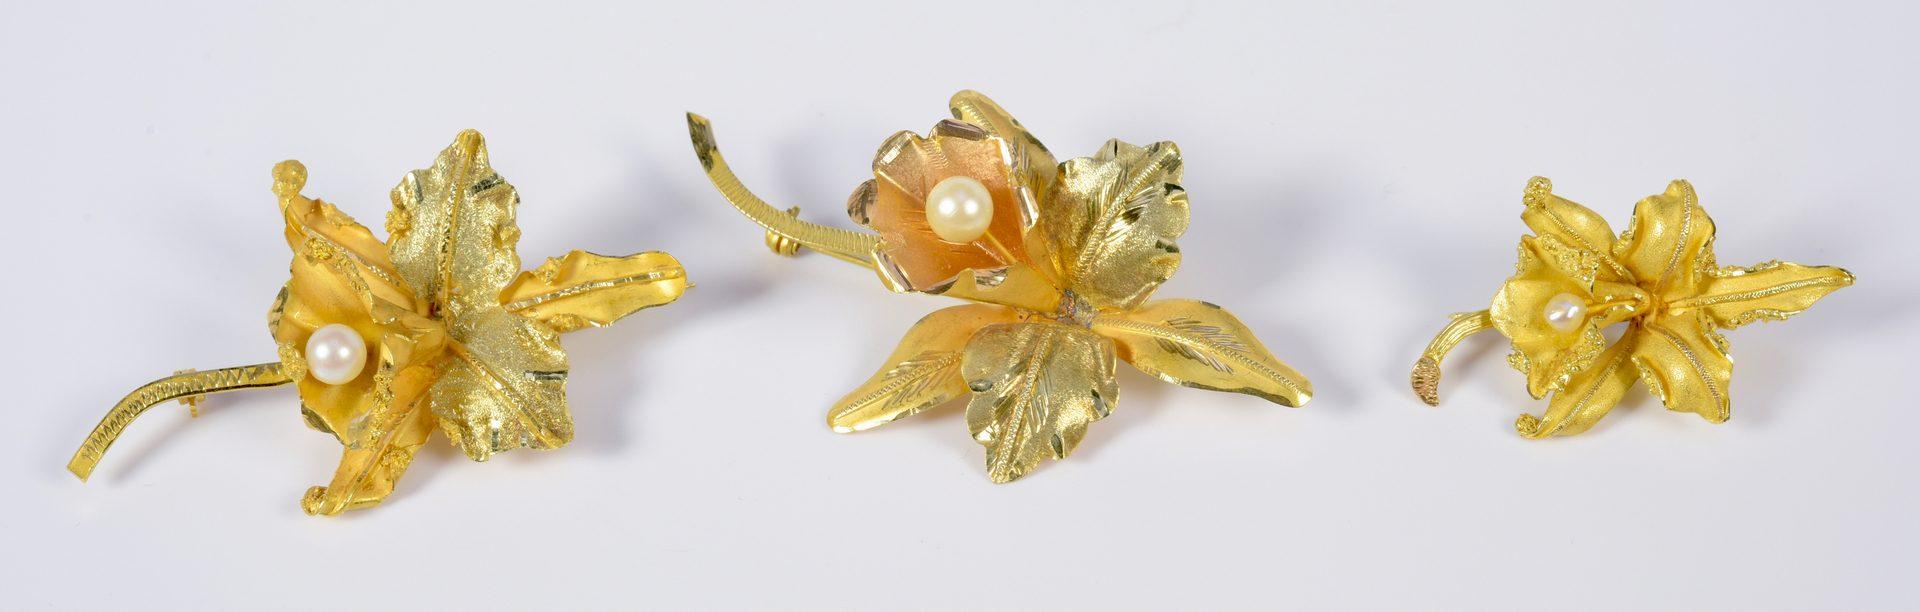 Lot 938: Three 18K Orchid Pins